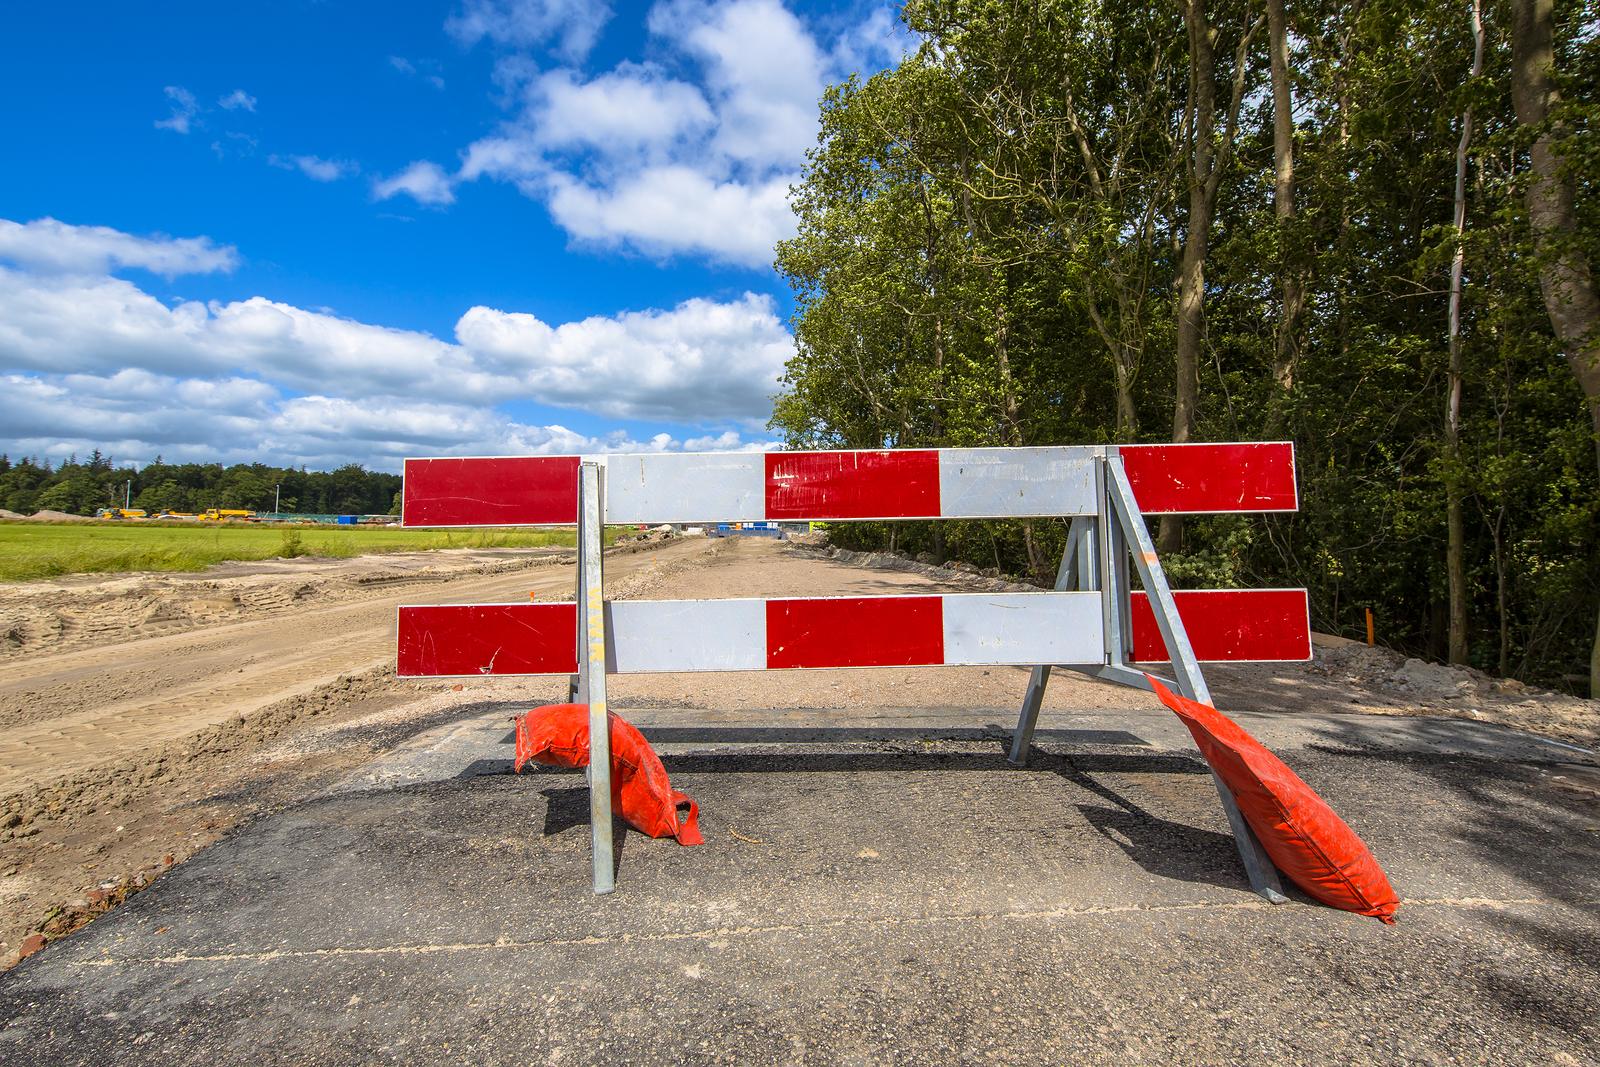 bigstock-Red-And-White-Roadblock-208901374.jpg